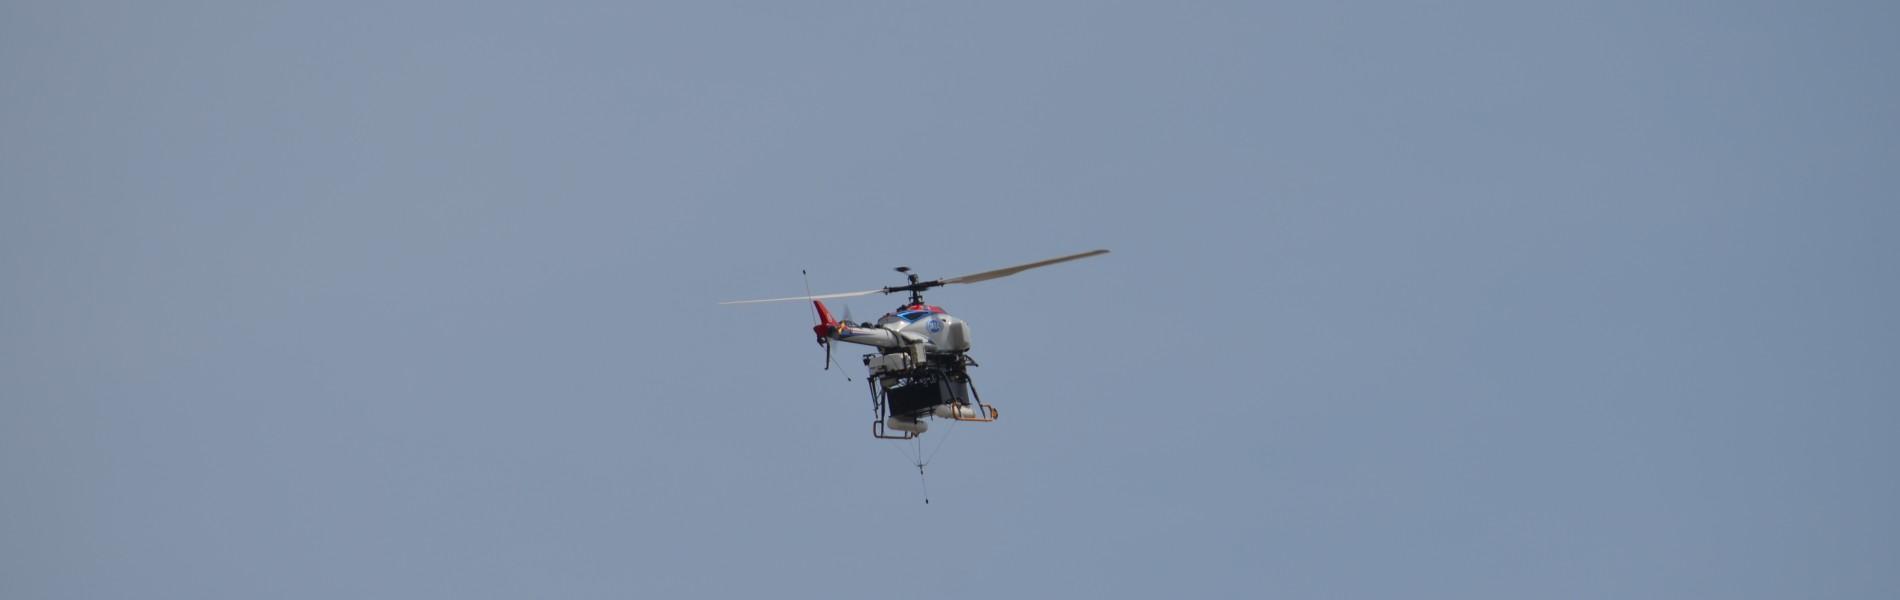 UAV搭載装置開発・研究